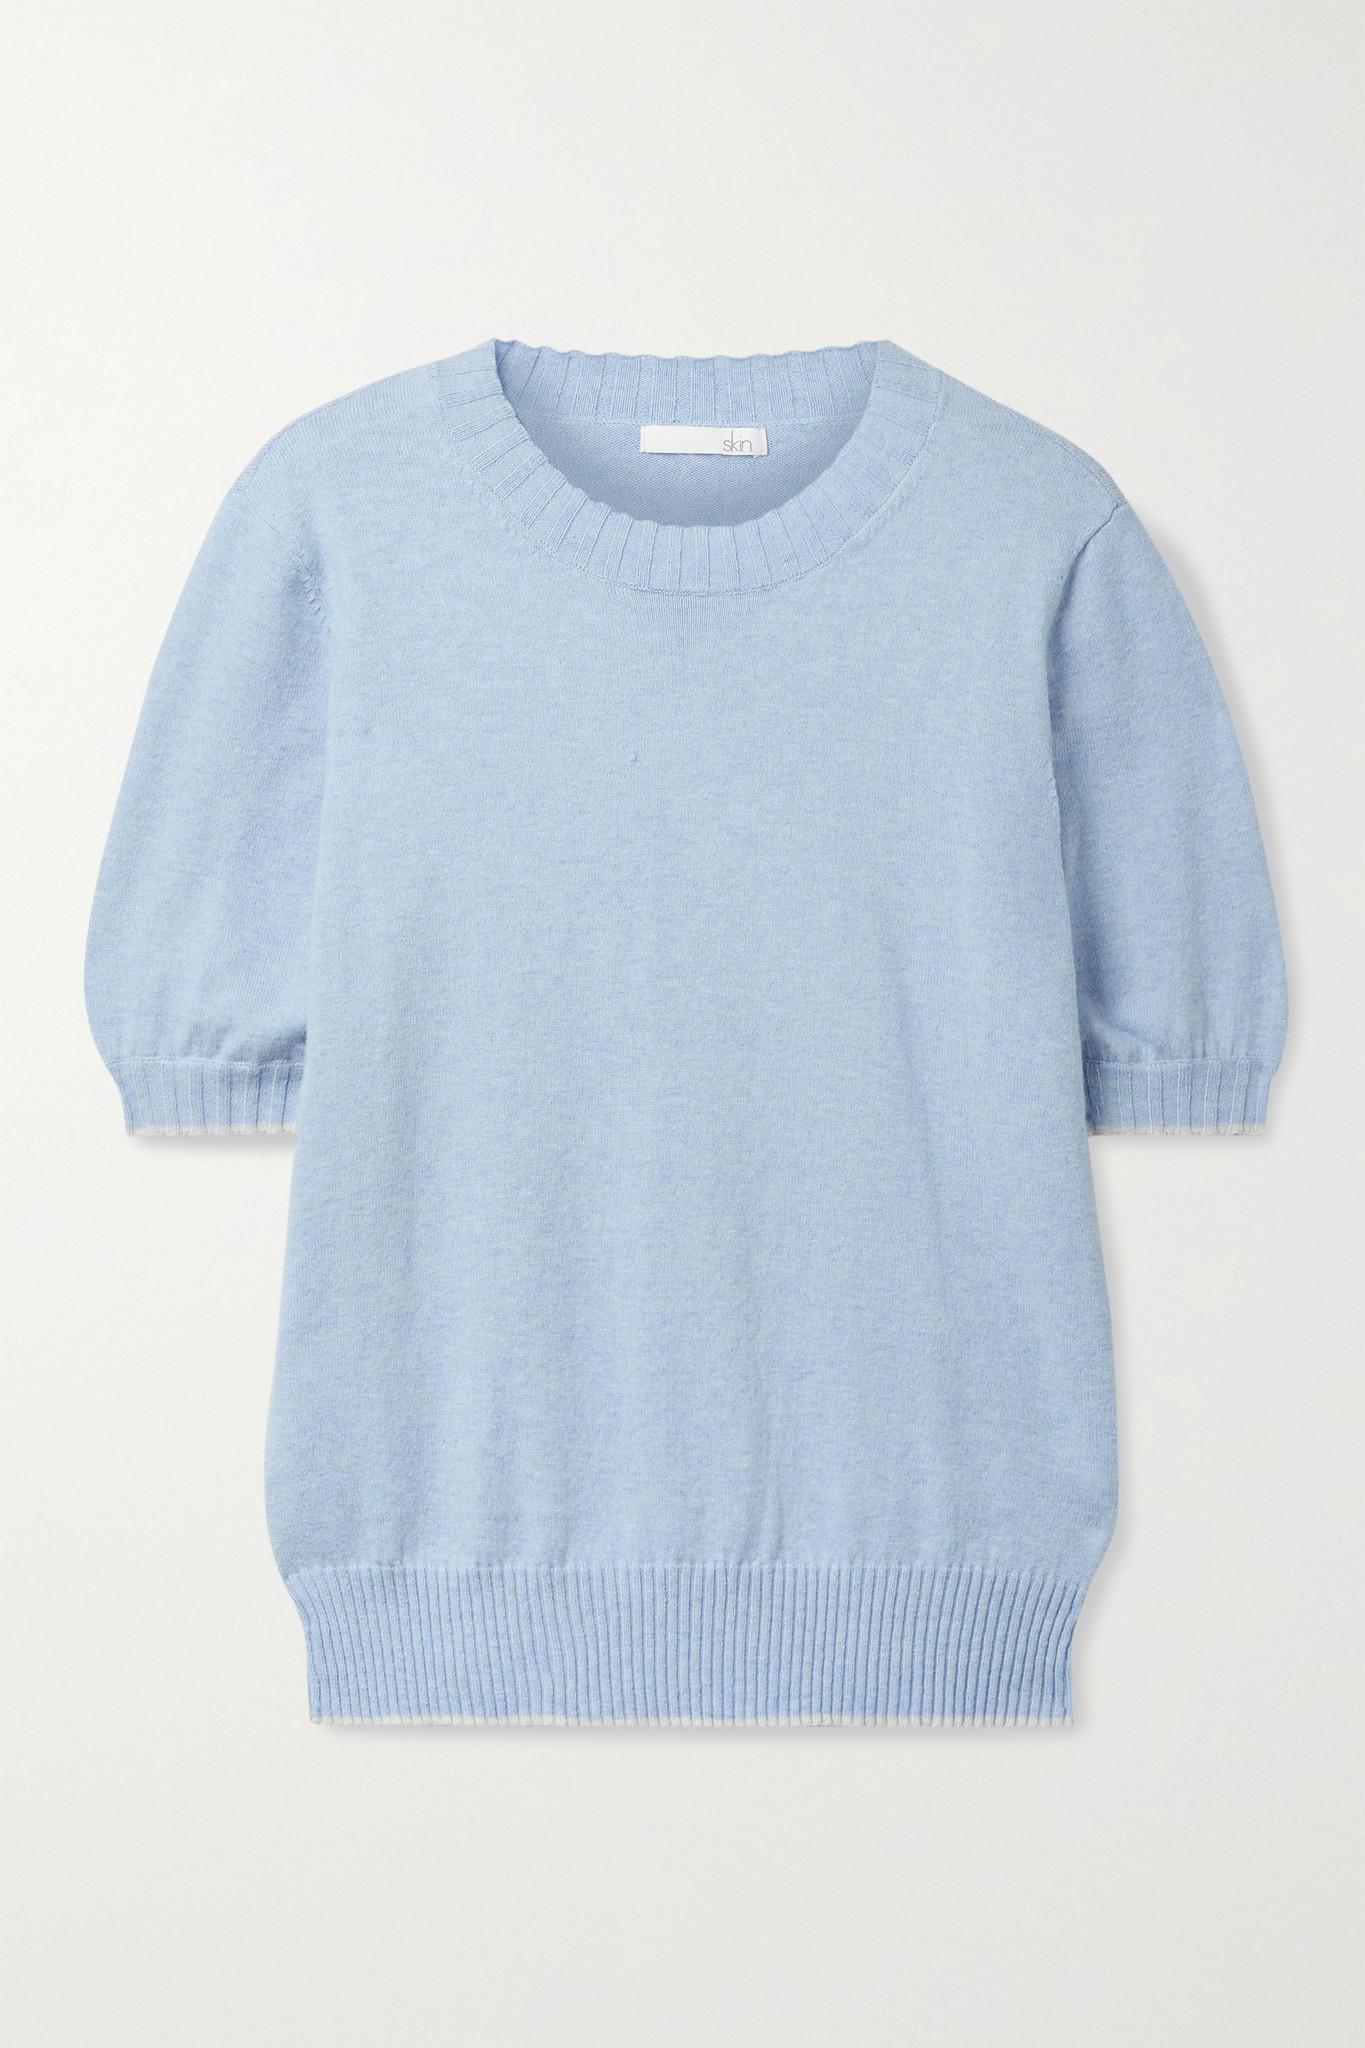 SKIN - Mirren Cotton And Cashmere-blend Sweater - Blue - medium